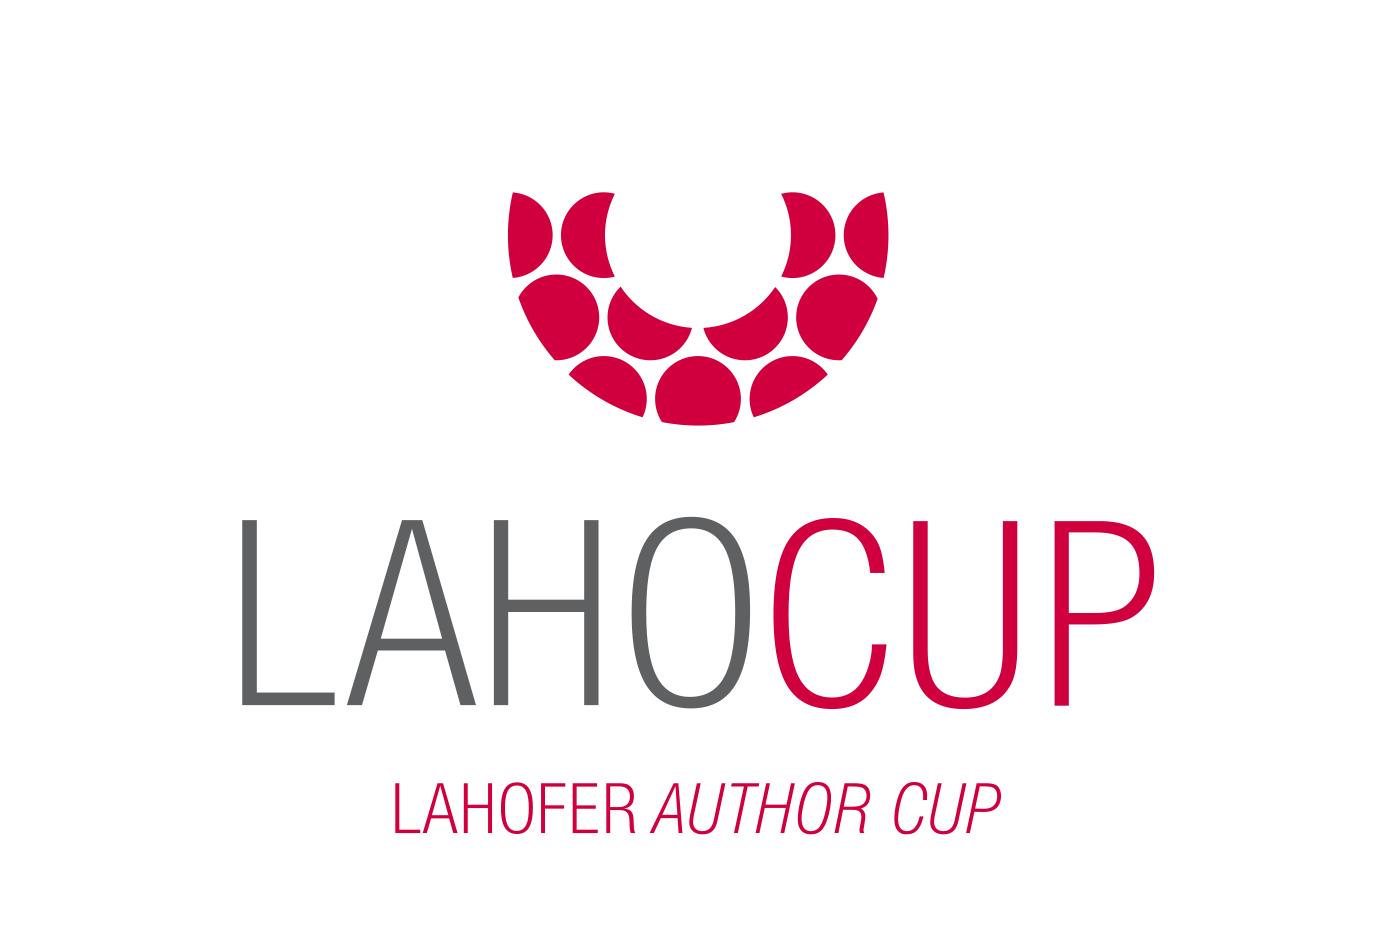 Lahofer Lahocup